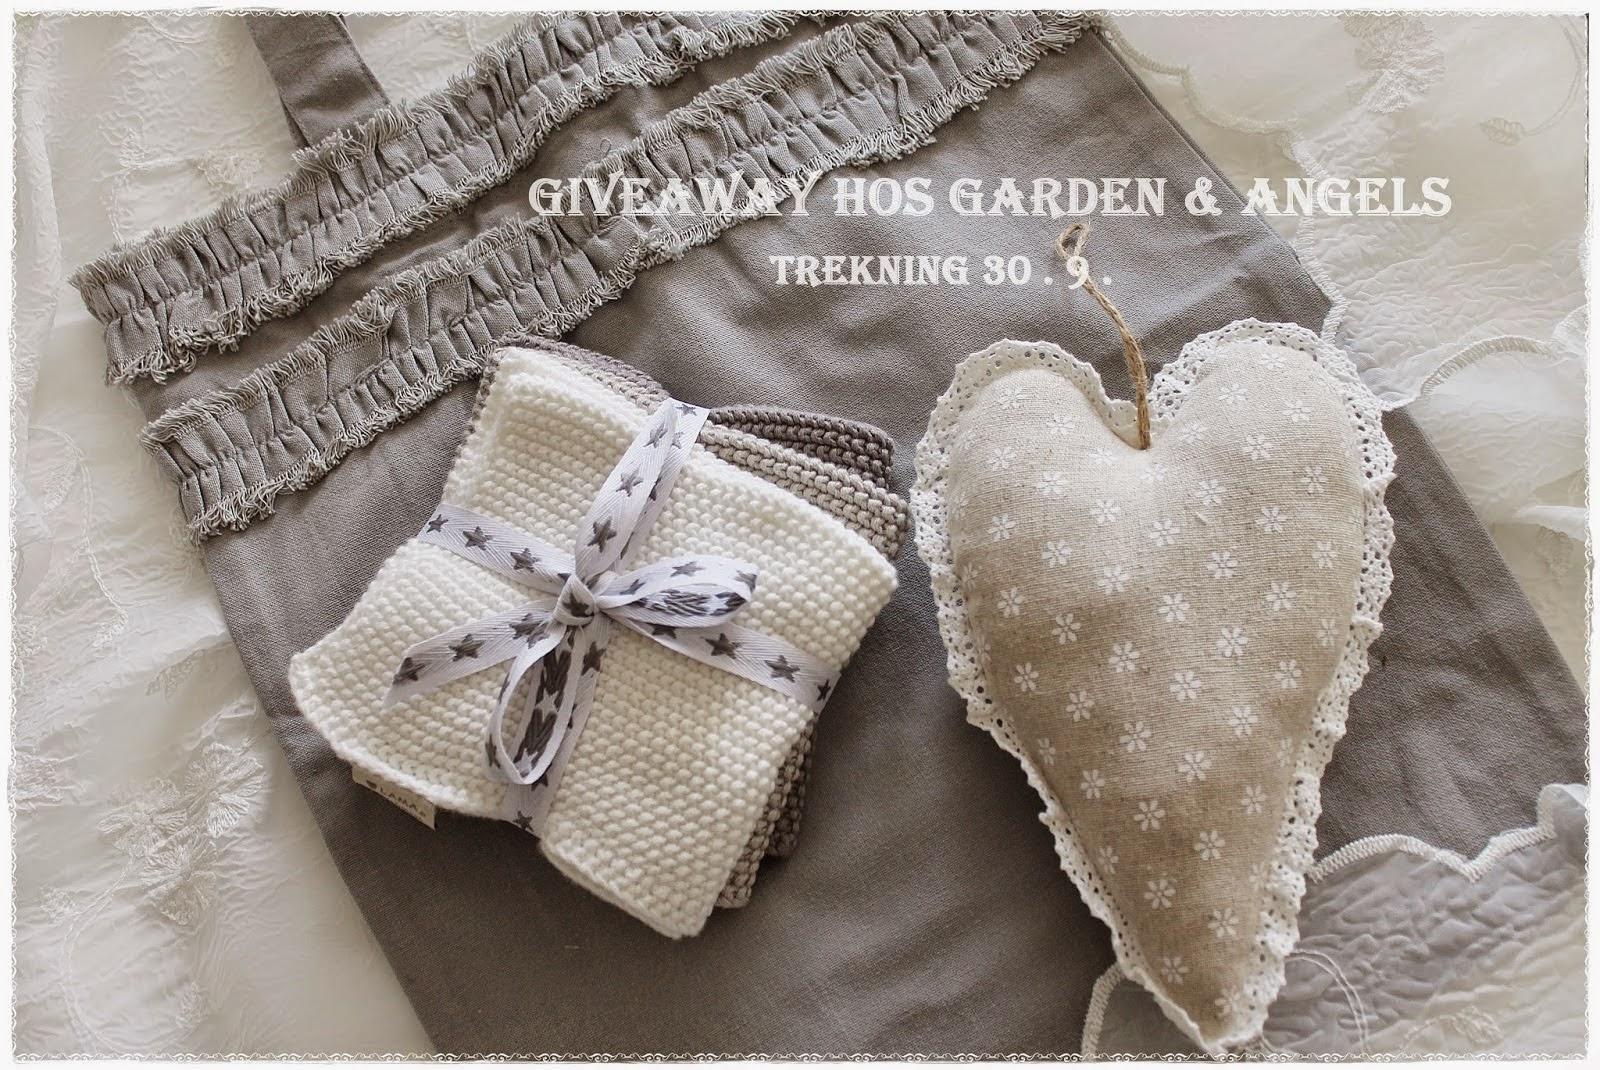 Give Away hos Garden & Angels